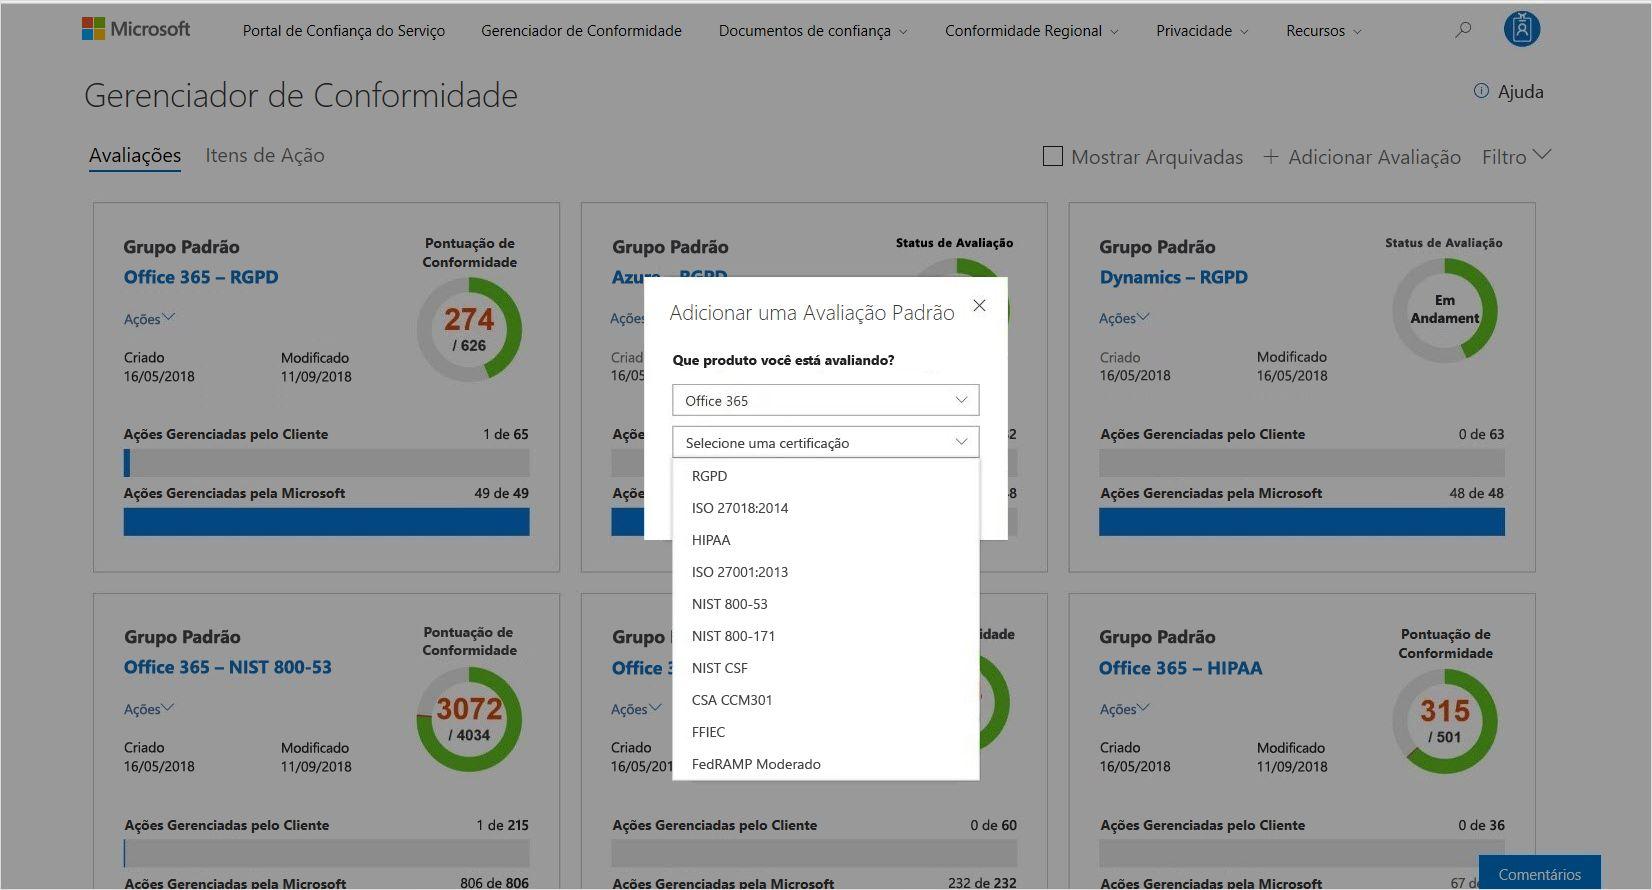 A captura de tela mostra uma avaliação padrão no Gerenciador de Conformidade.